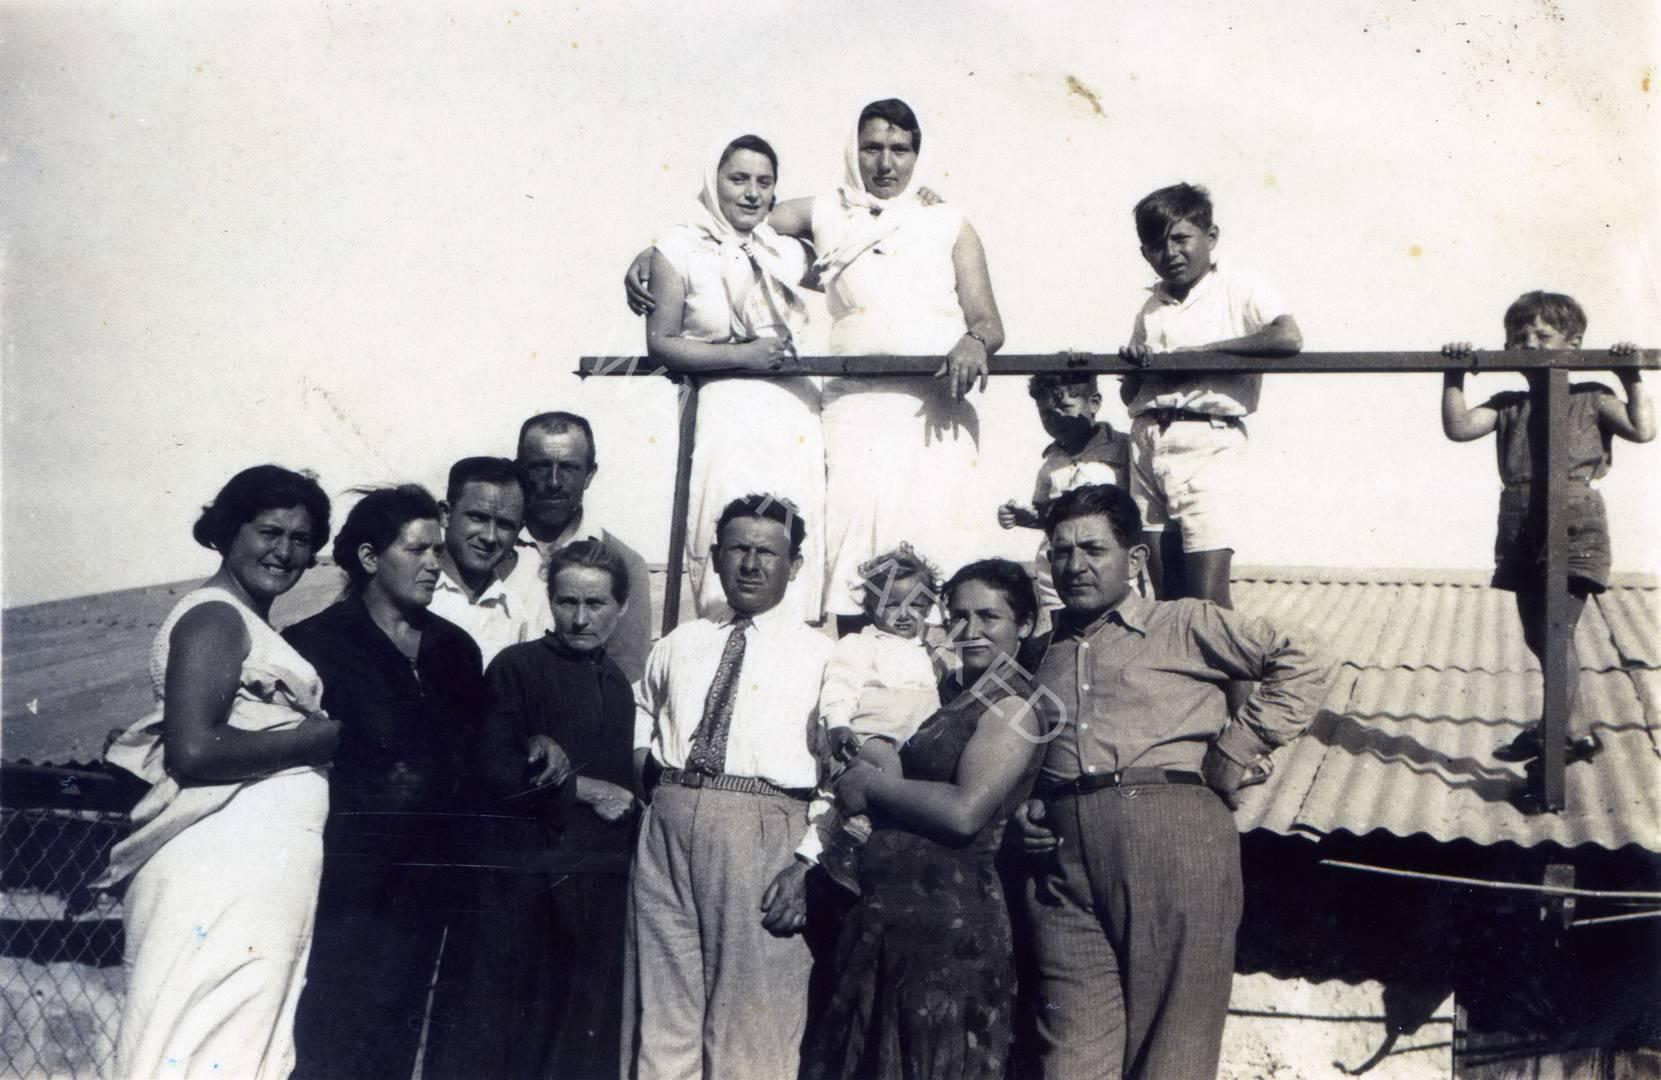 ג'דה משפחת קסוינר עם רחל הבר